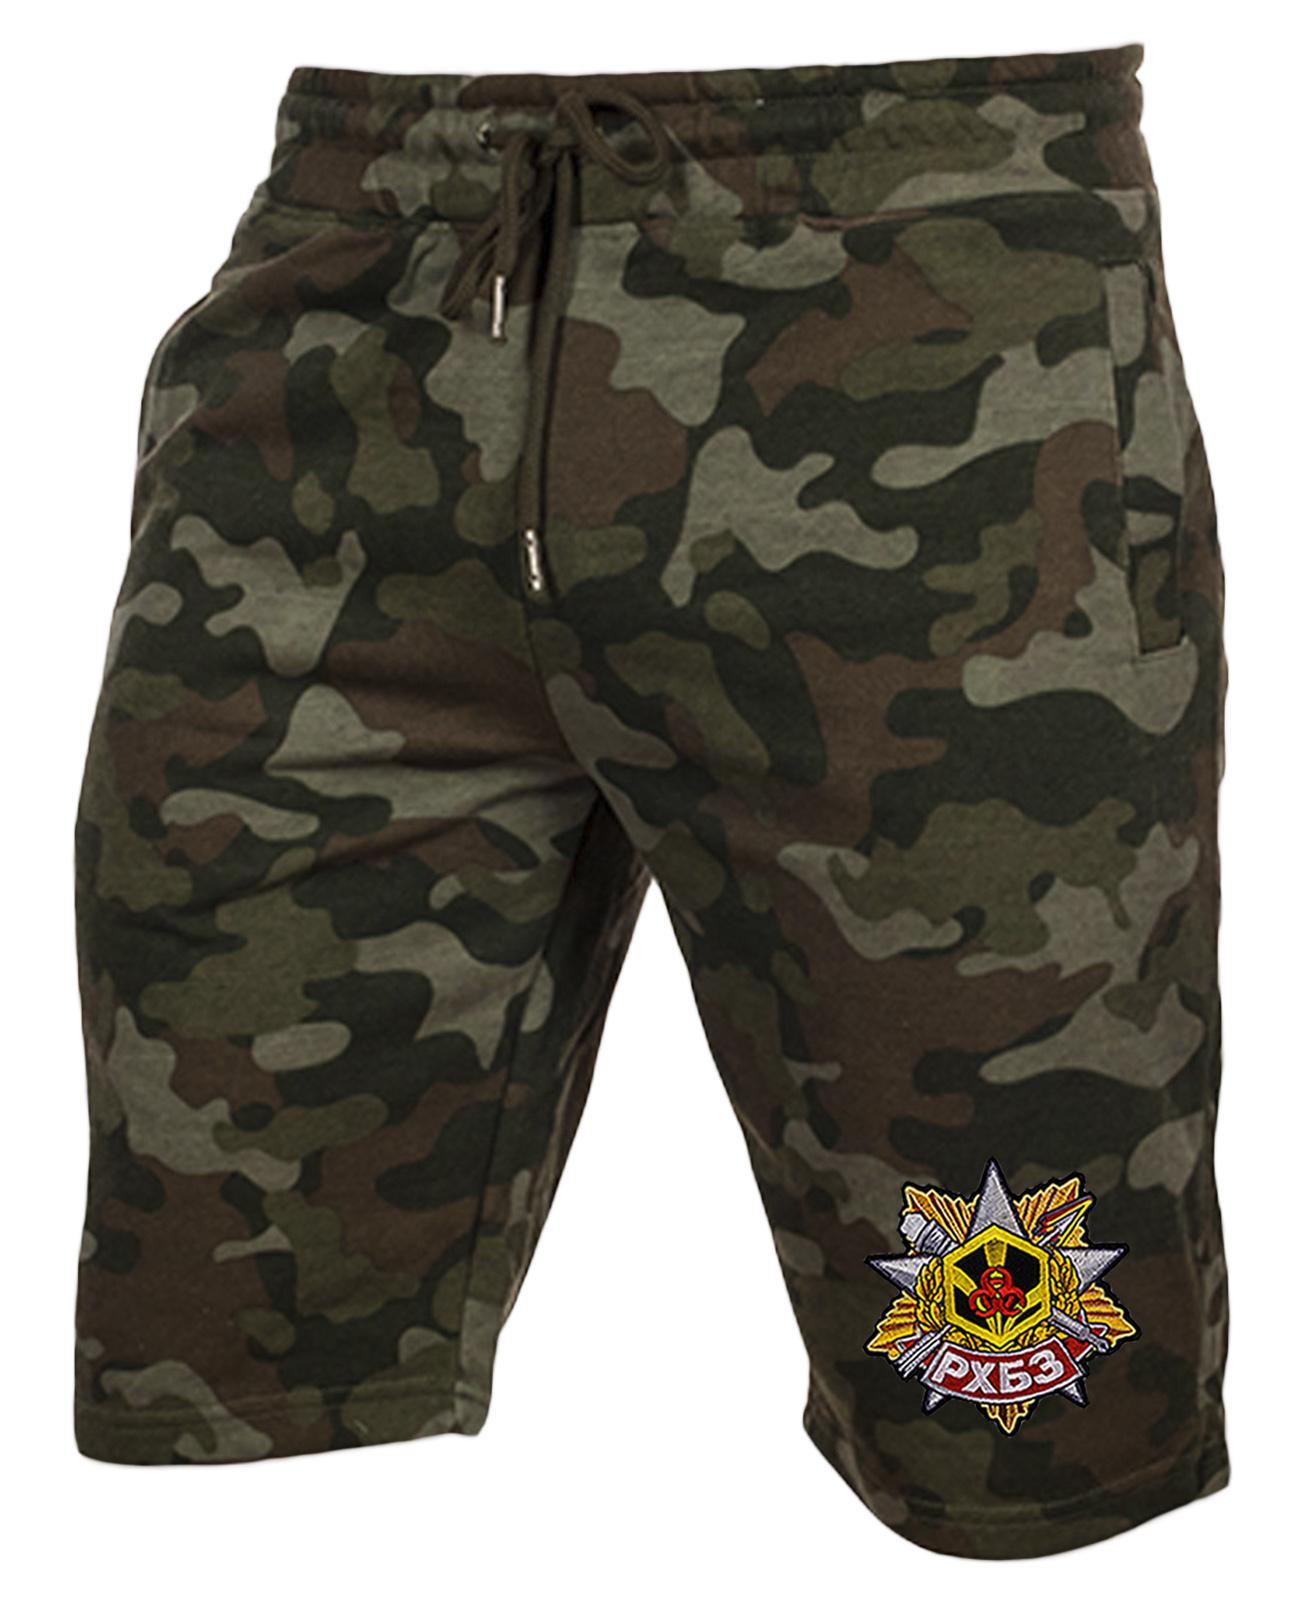 Модные камуфляжные шорты с нашивкой РХБЗ